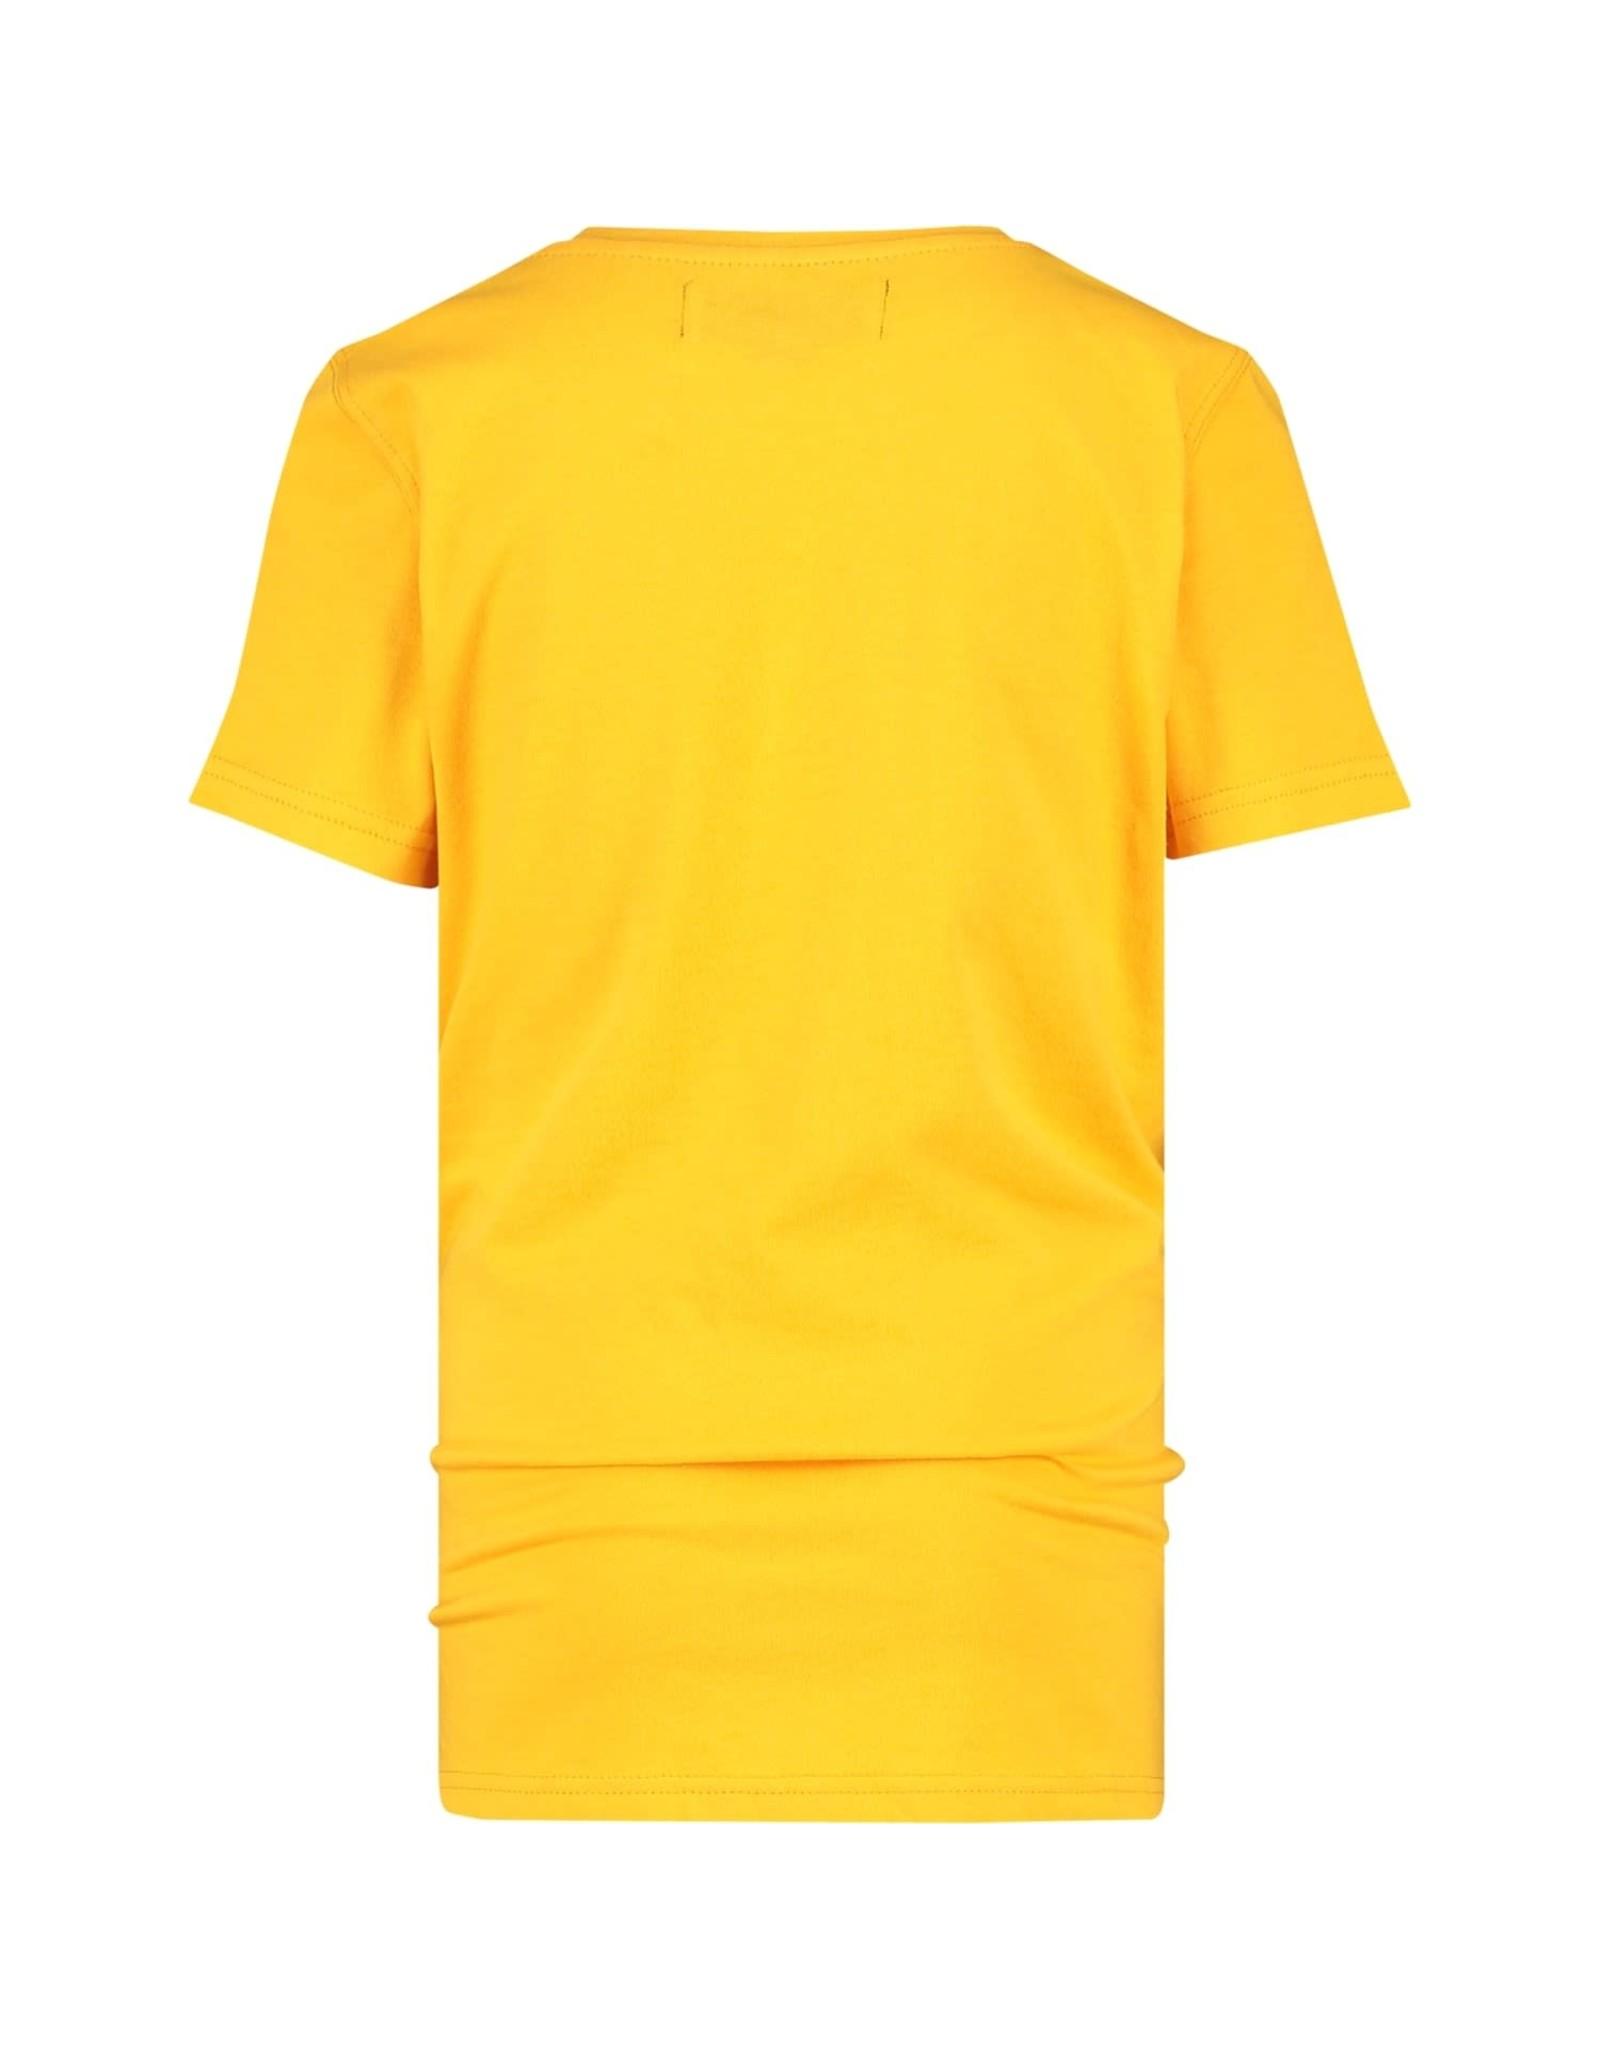 Raizzed Raizzed jongens t-shirt Hamilton Moon Yellow